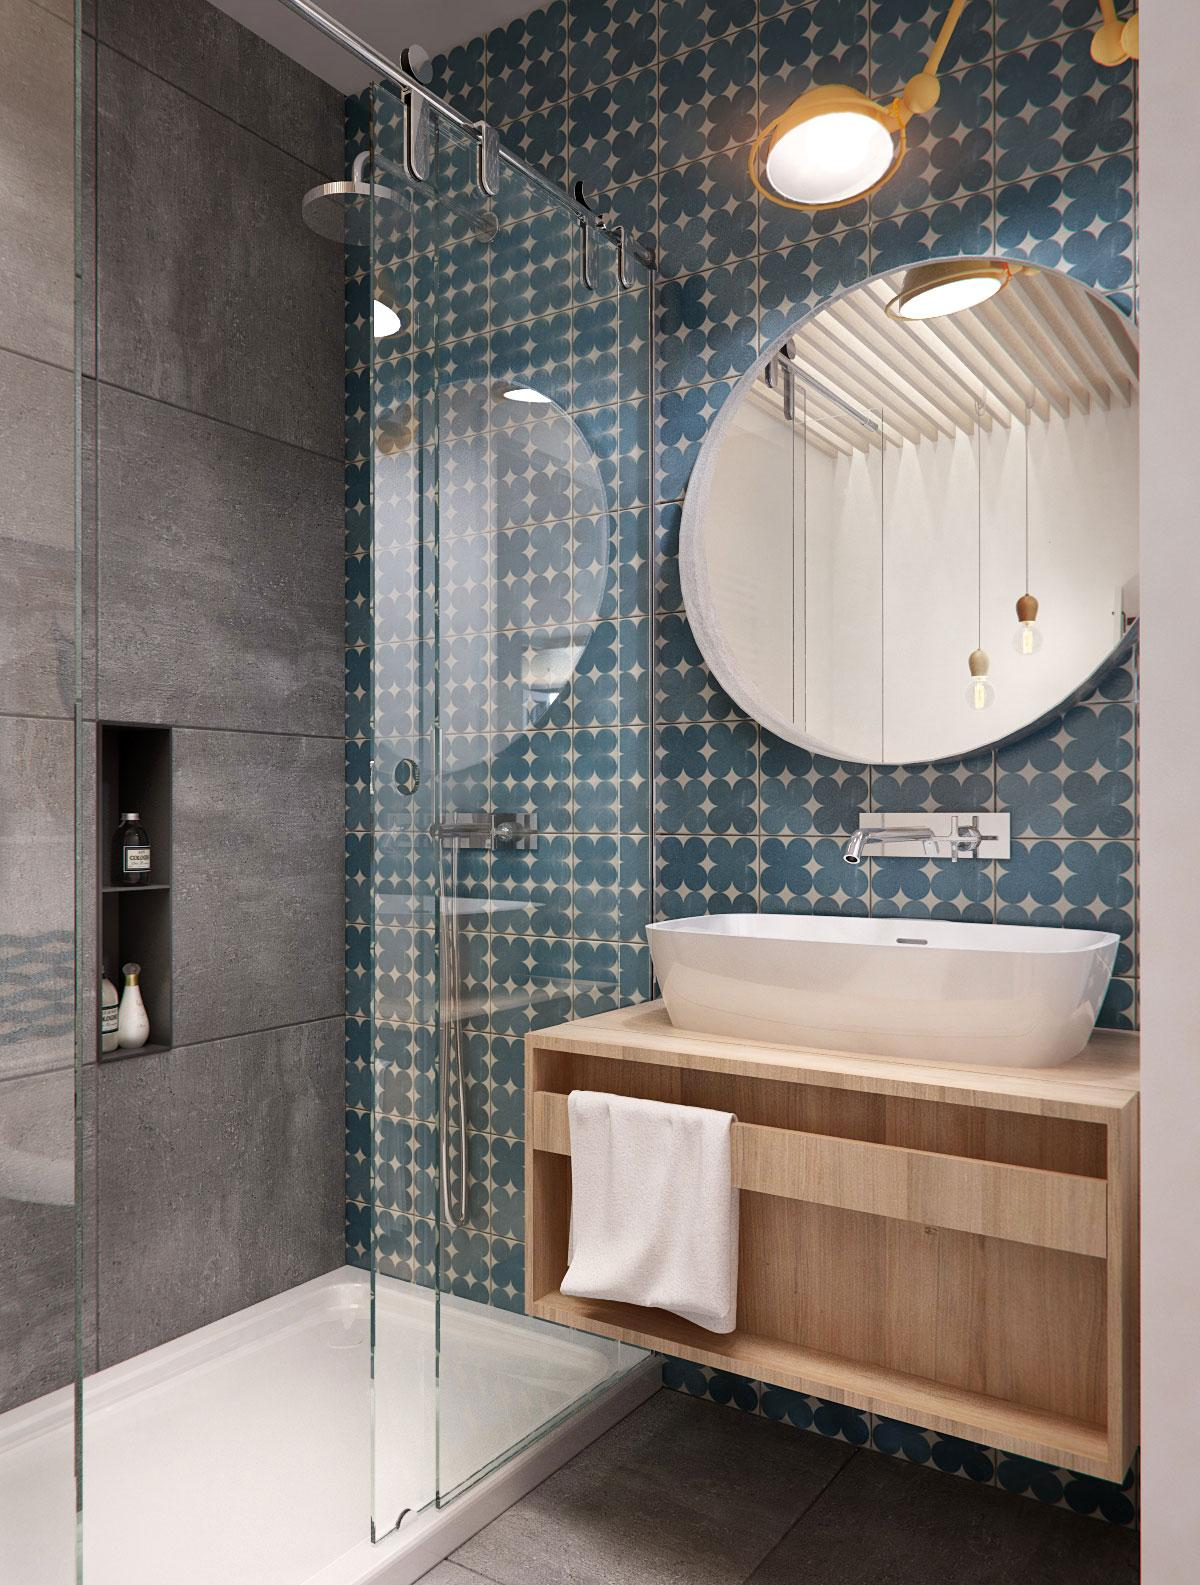 Серая о сине-белая плитка в ванной